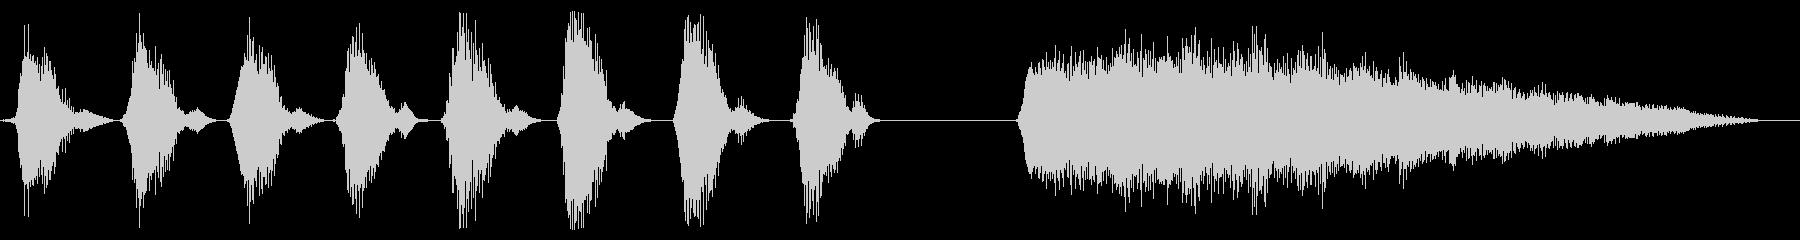 Hopskipの未再生の波形